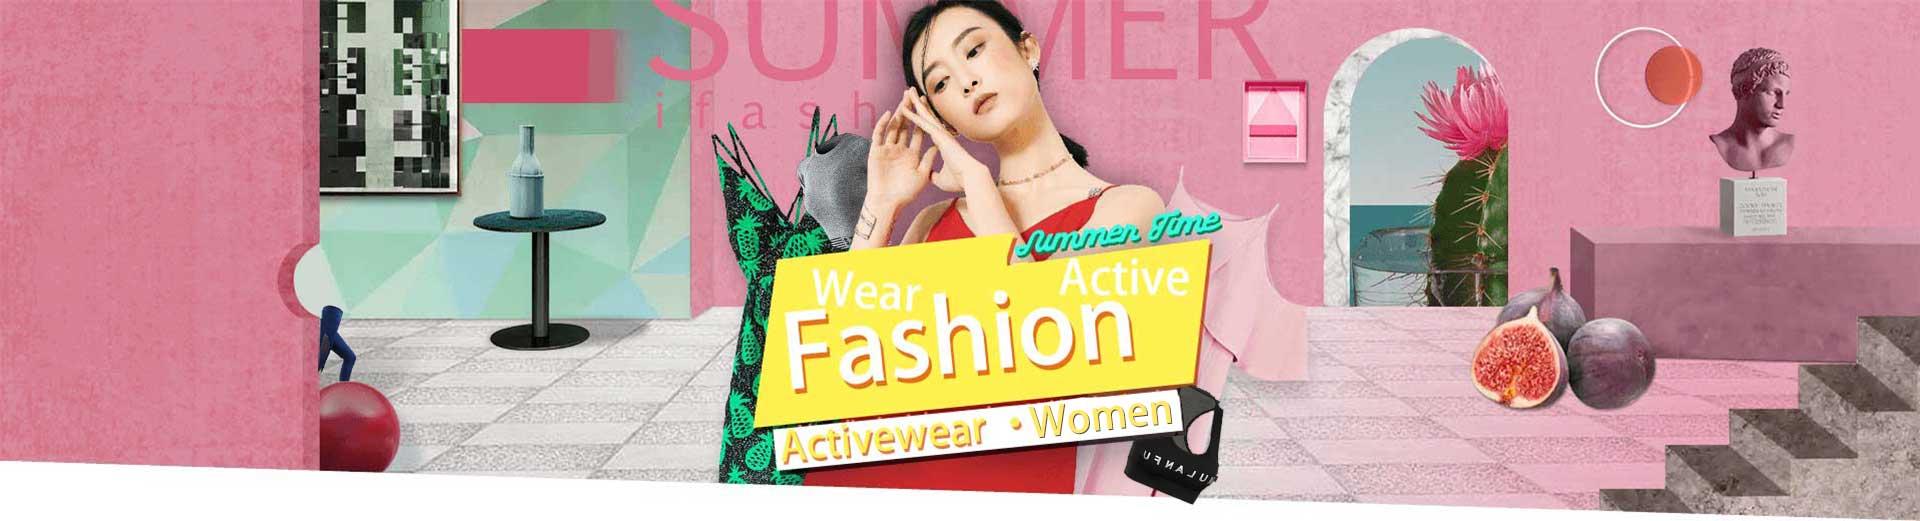 sportswear wholesale huallen-sportswearmfg-women-activewear